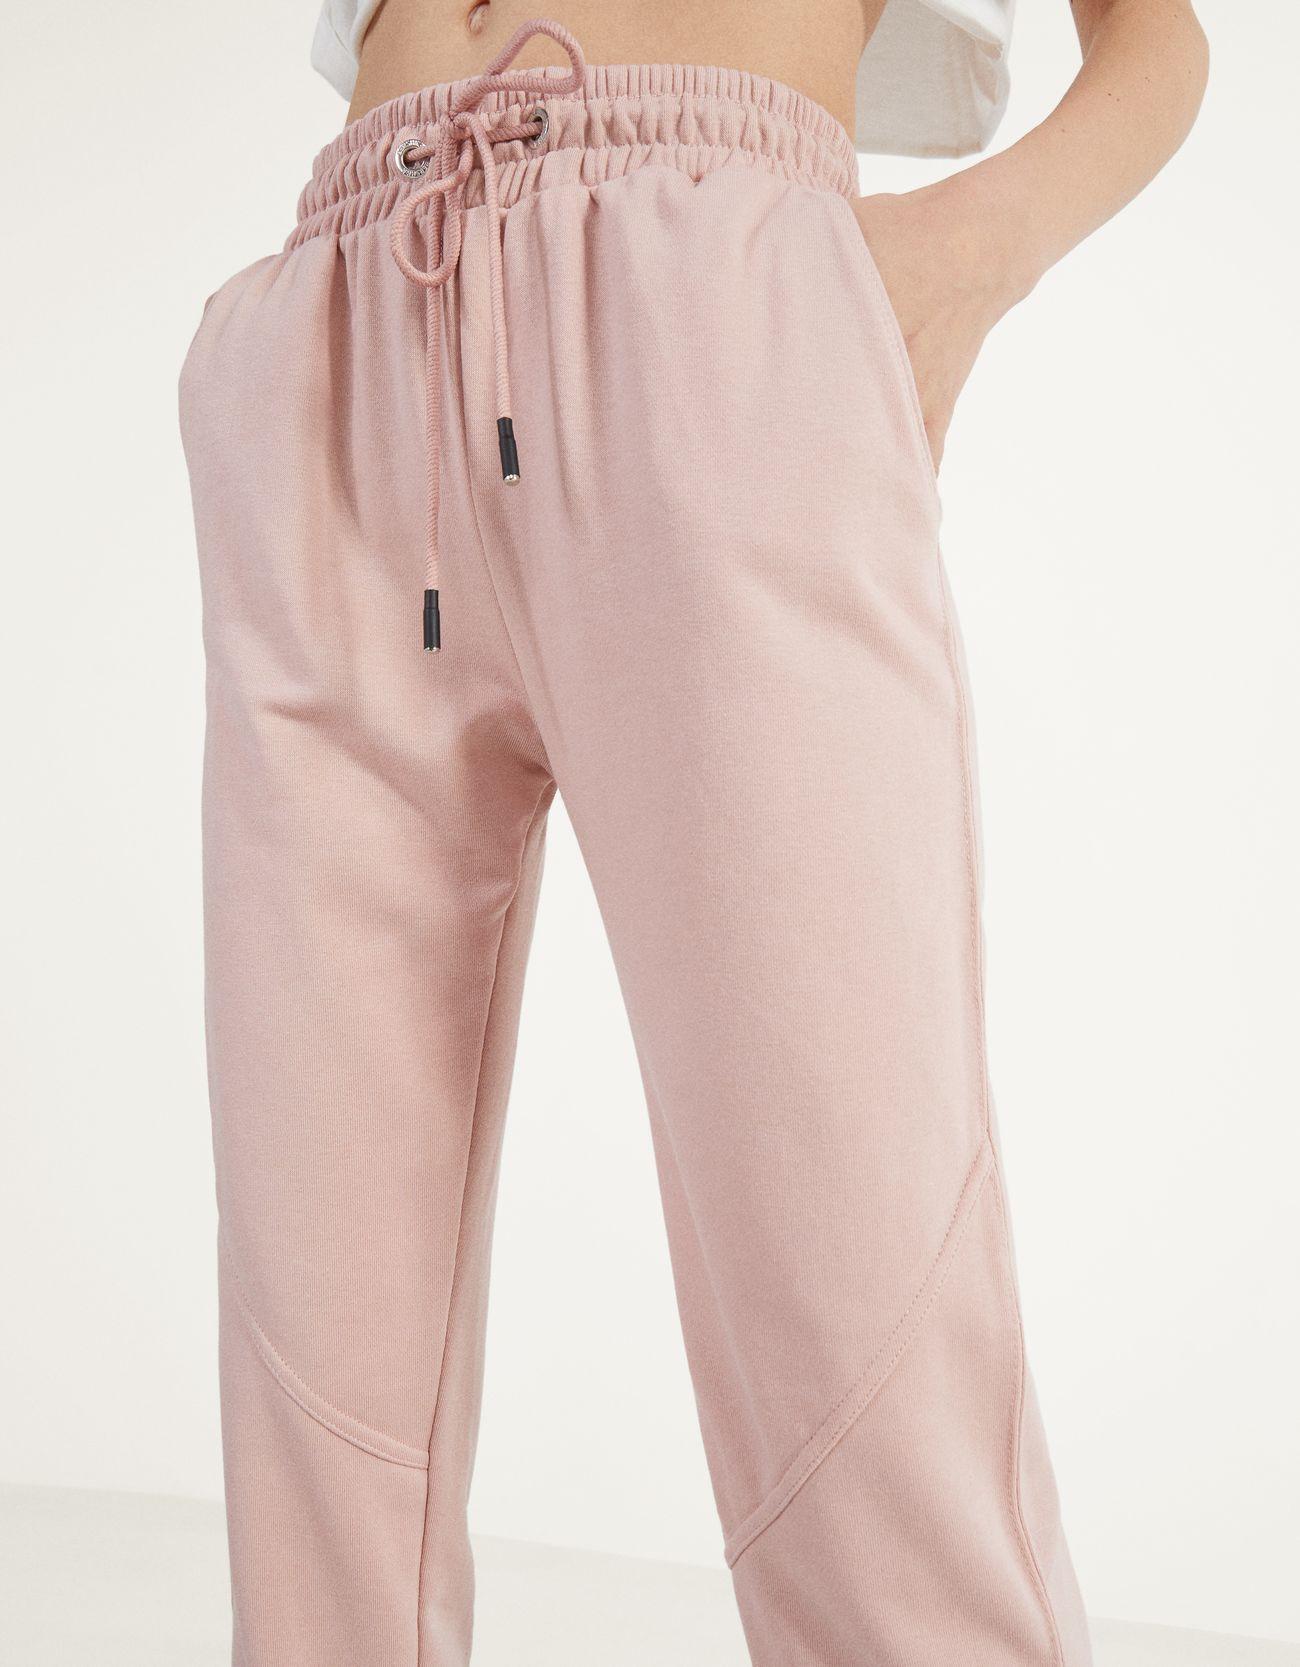 Брюки-джоггеры из мягкой ткани Розовый Bershka